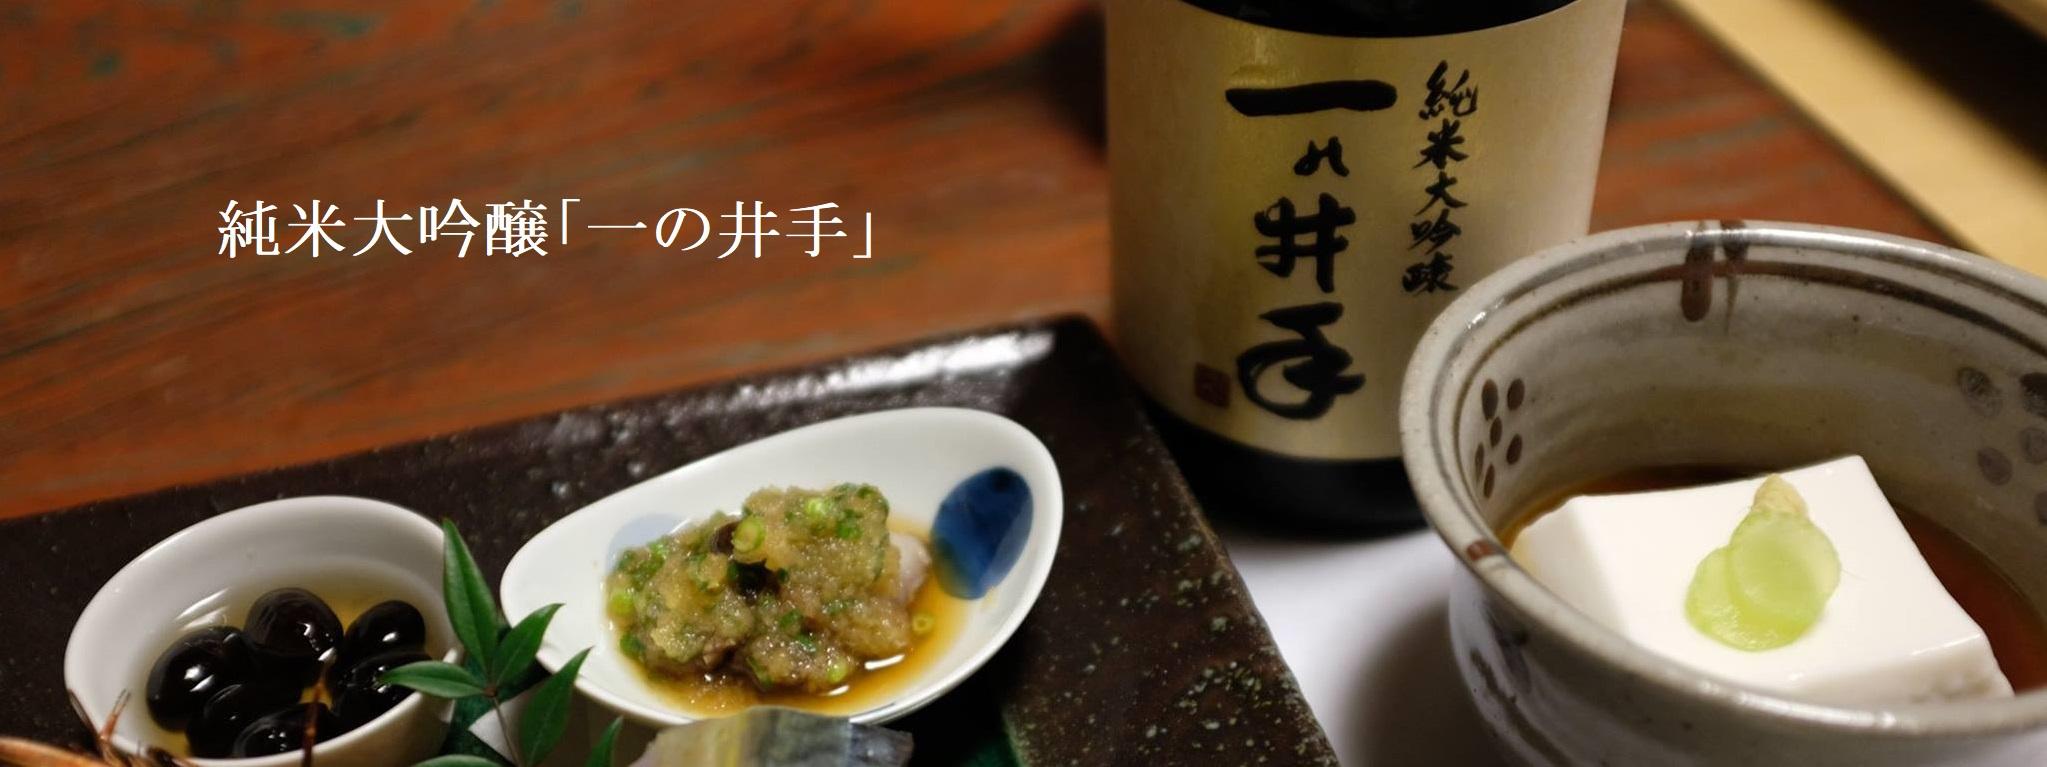 純米大吟醸「一の井手」の原材料は、40%まで精米された酒造好適米「山田錦」。